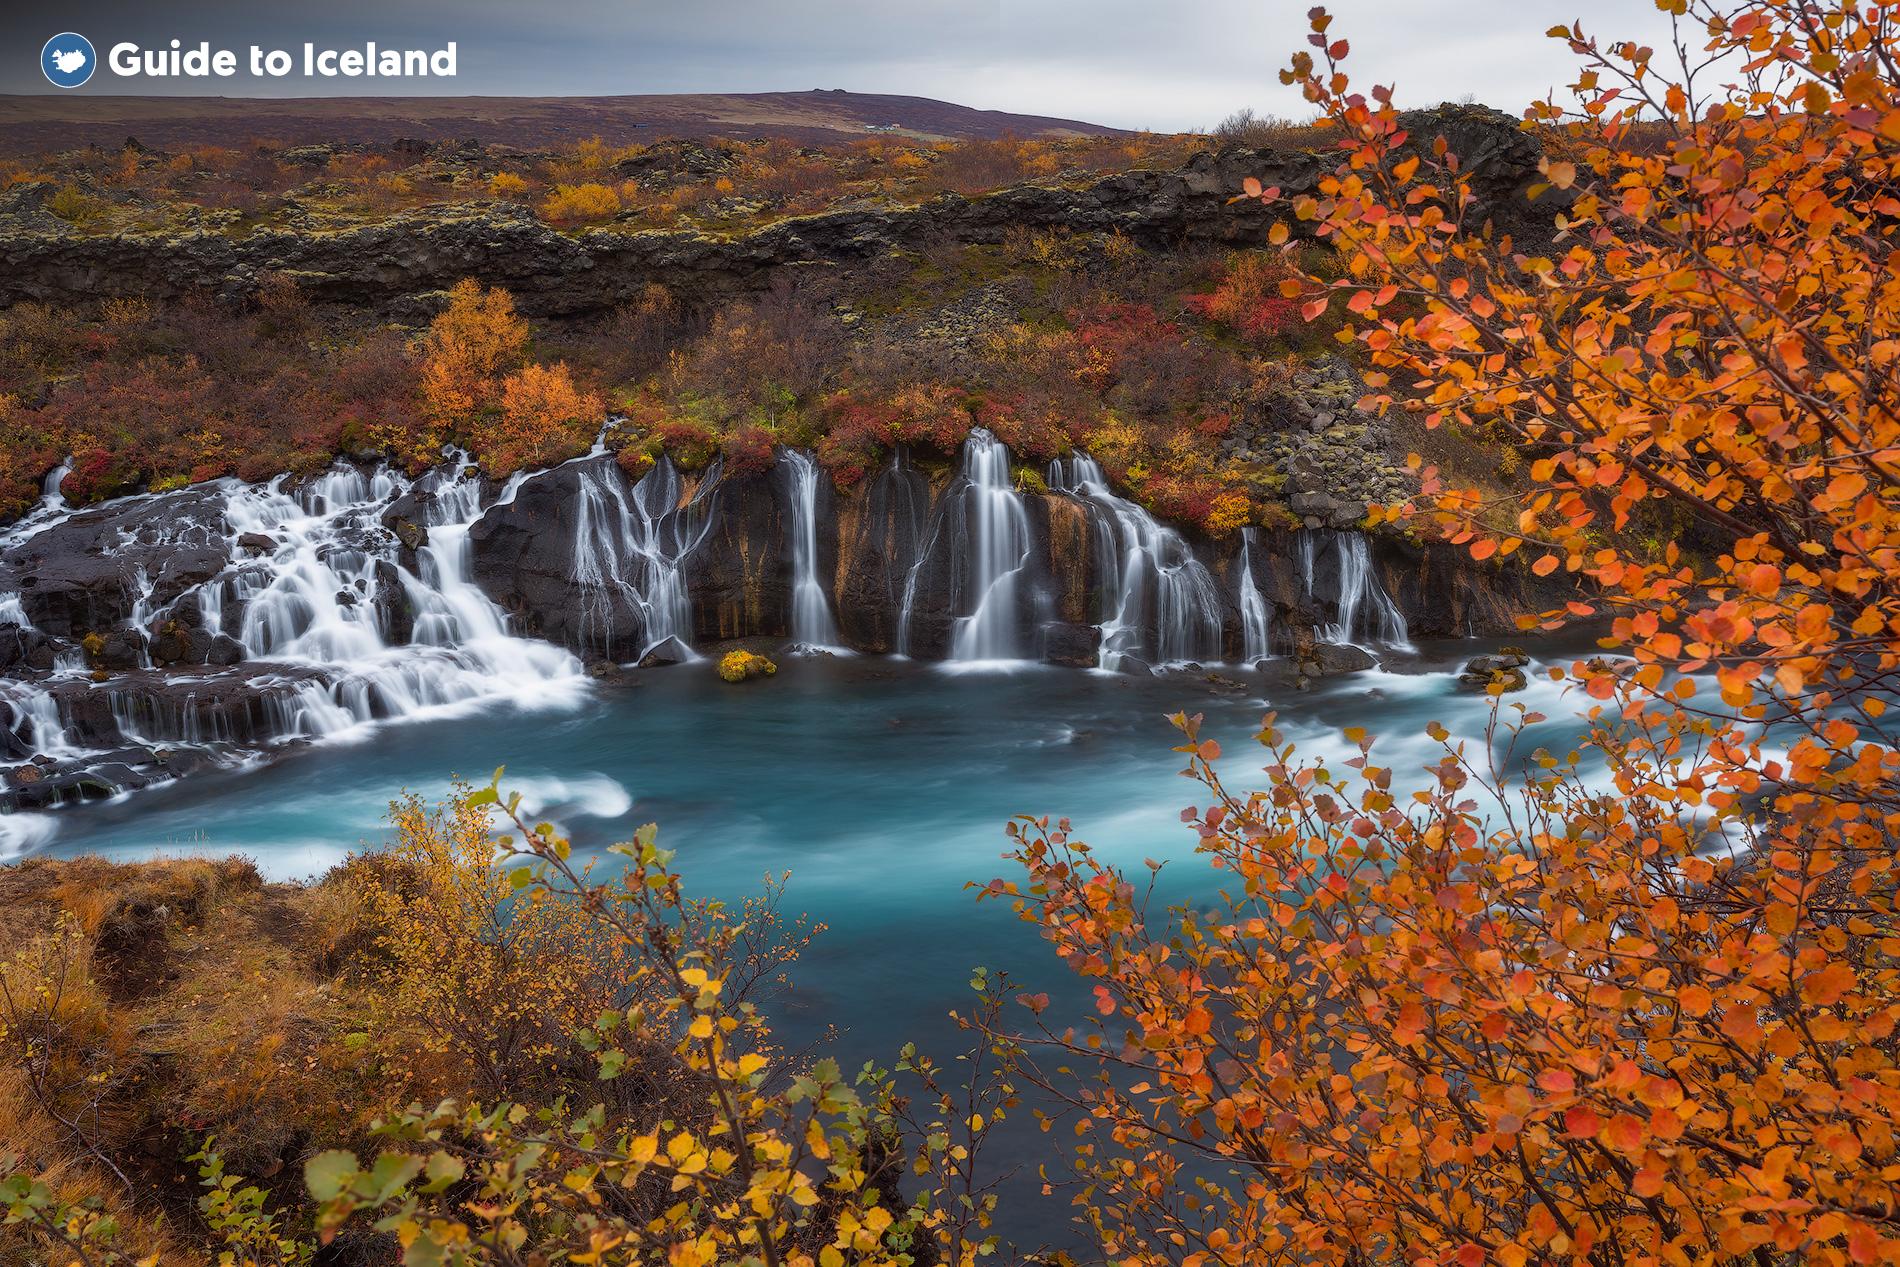 Hvítserkur犀牛石是冰岛北部海边的一座怪石